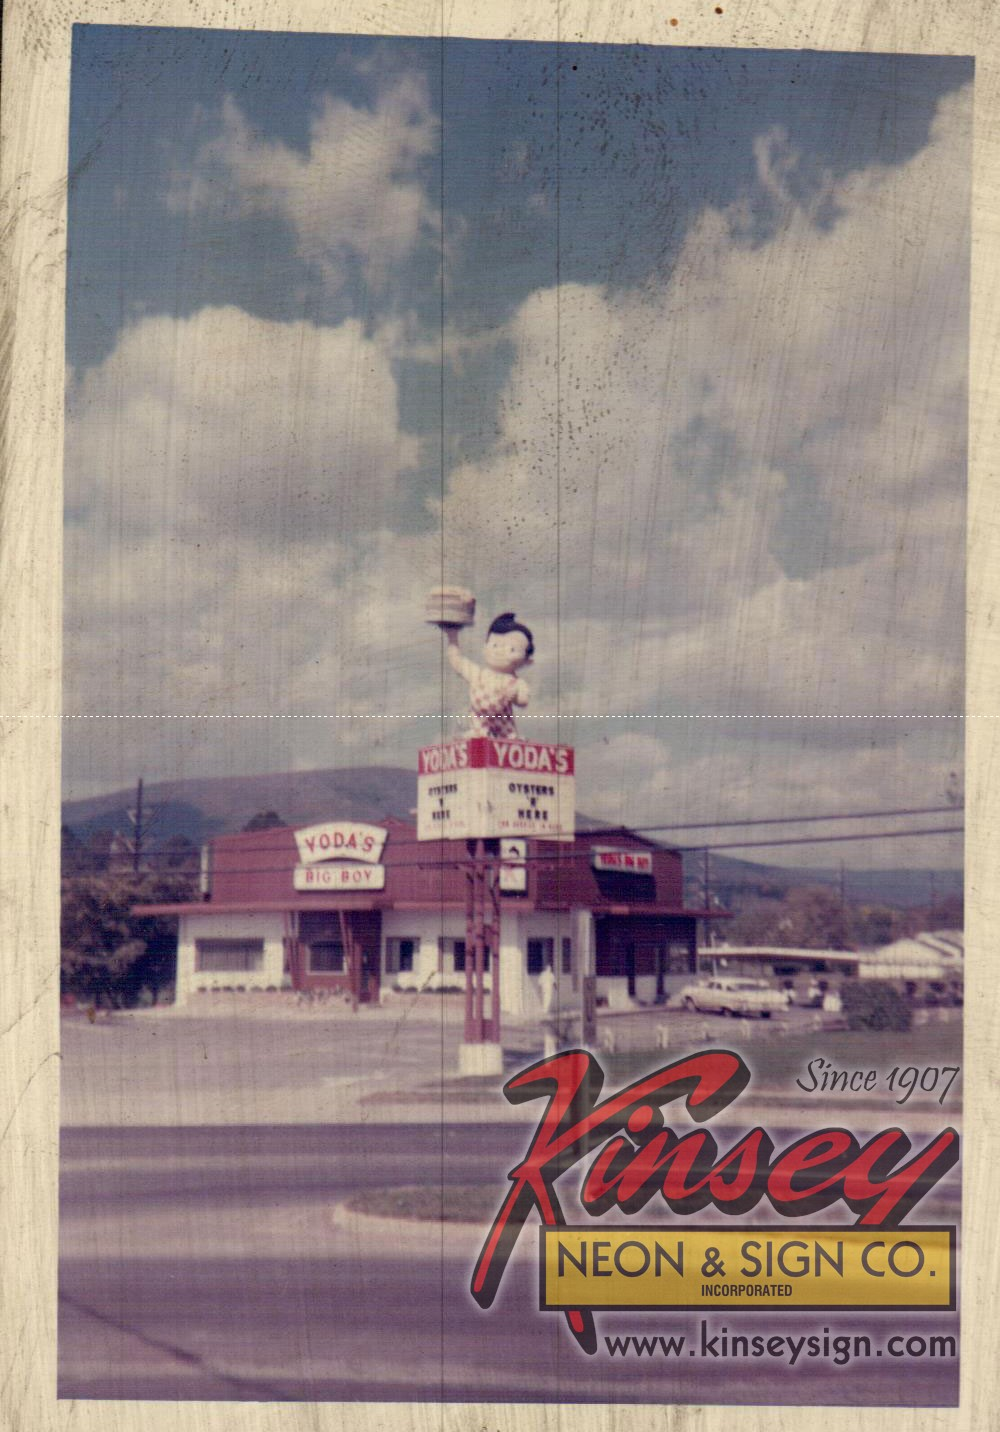 Lendys-Salem